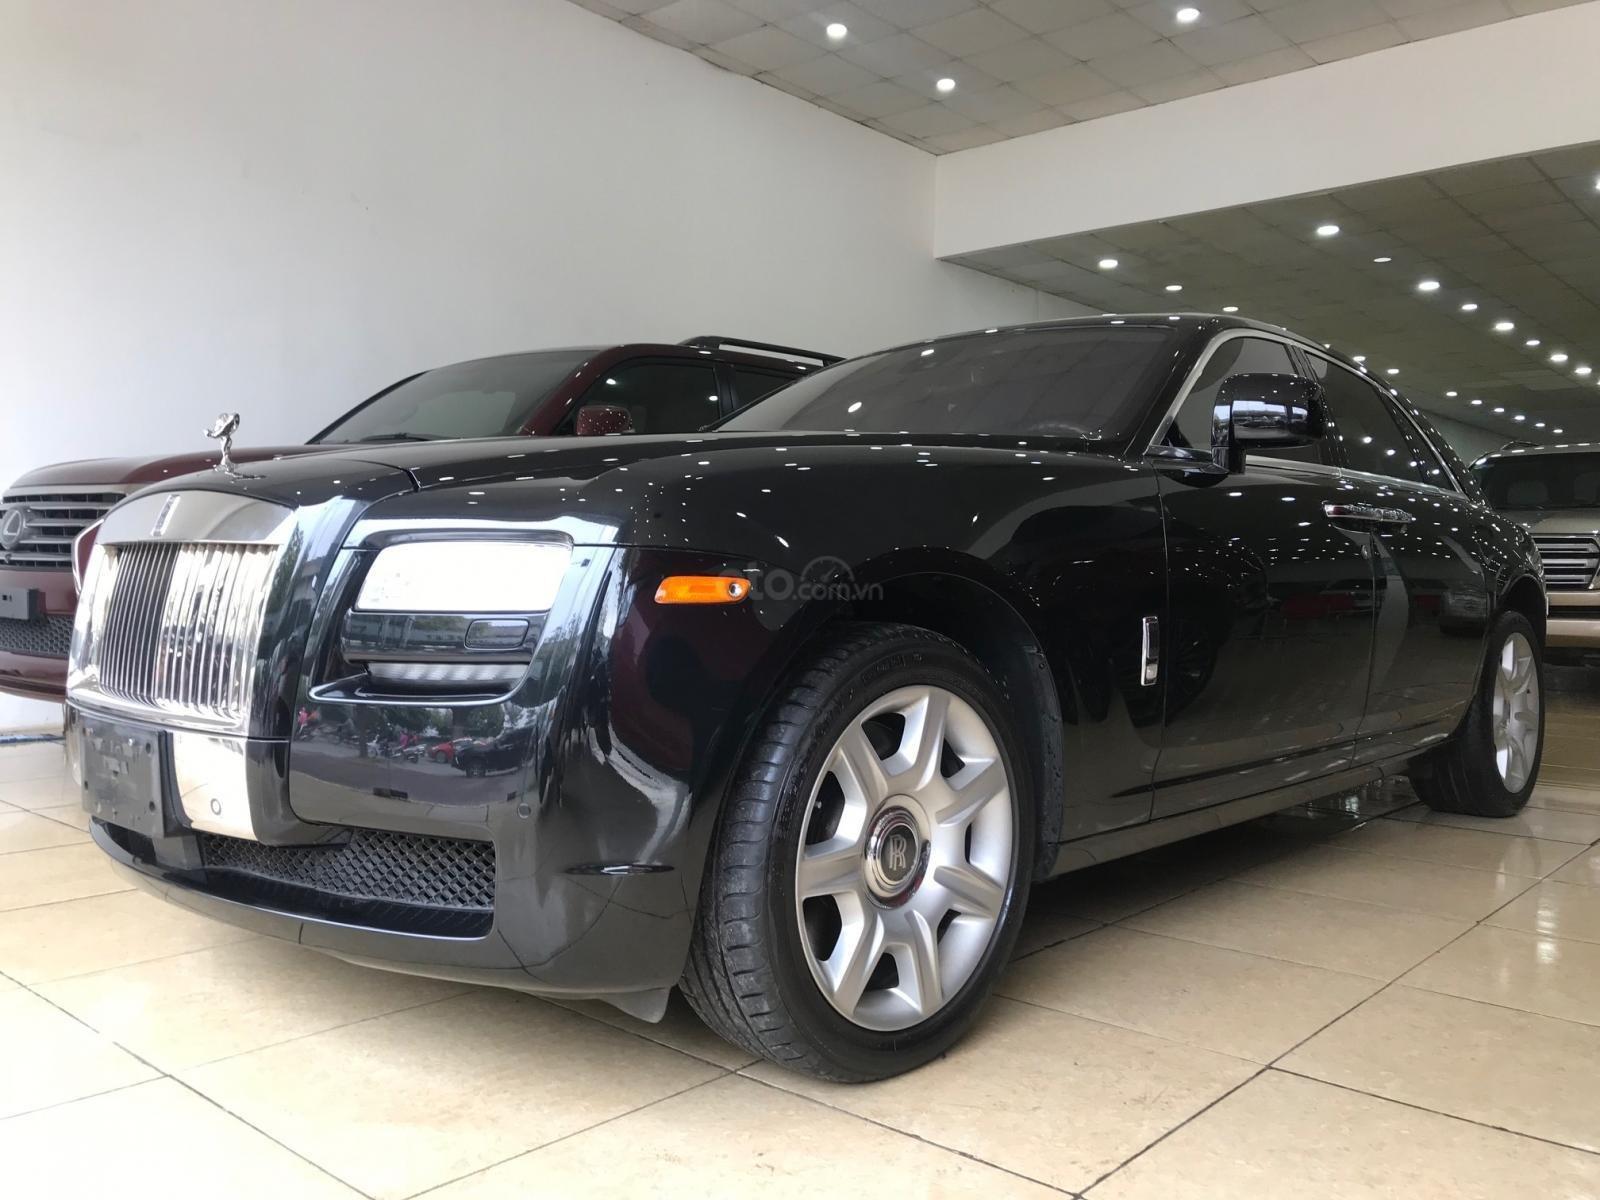 Bán ô tô Rolls-Royce Ghost 2011, màu đen, xe chạy cực ít, siêu đẹp (5)